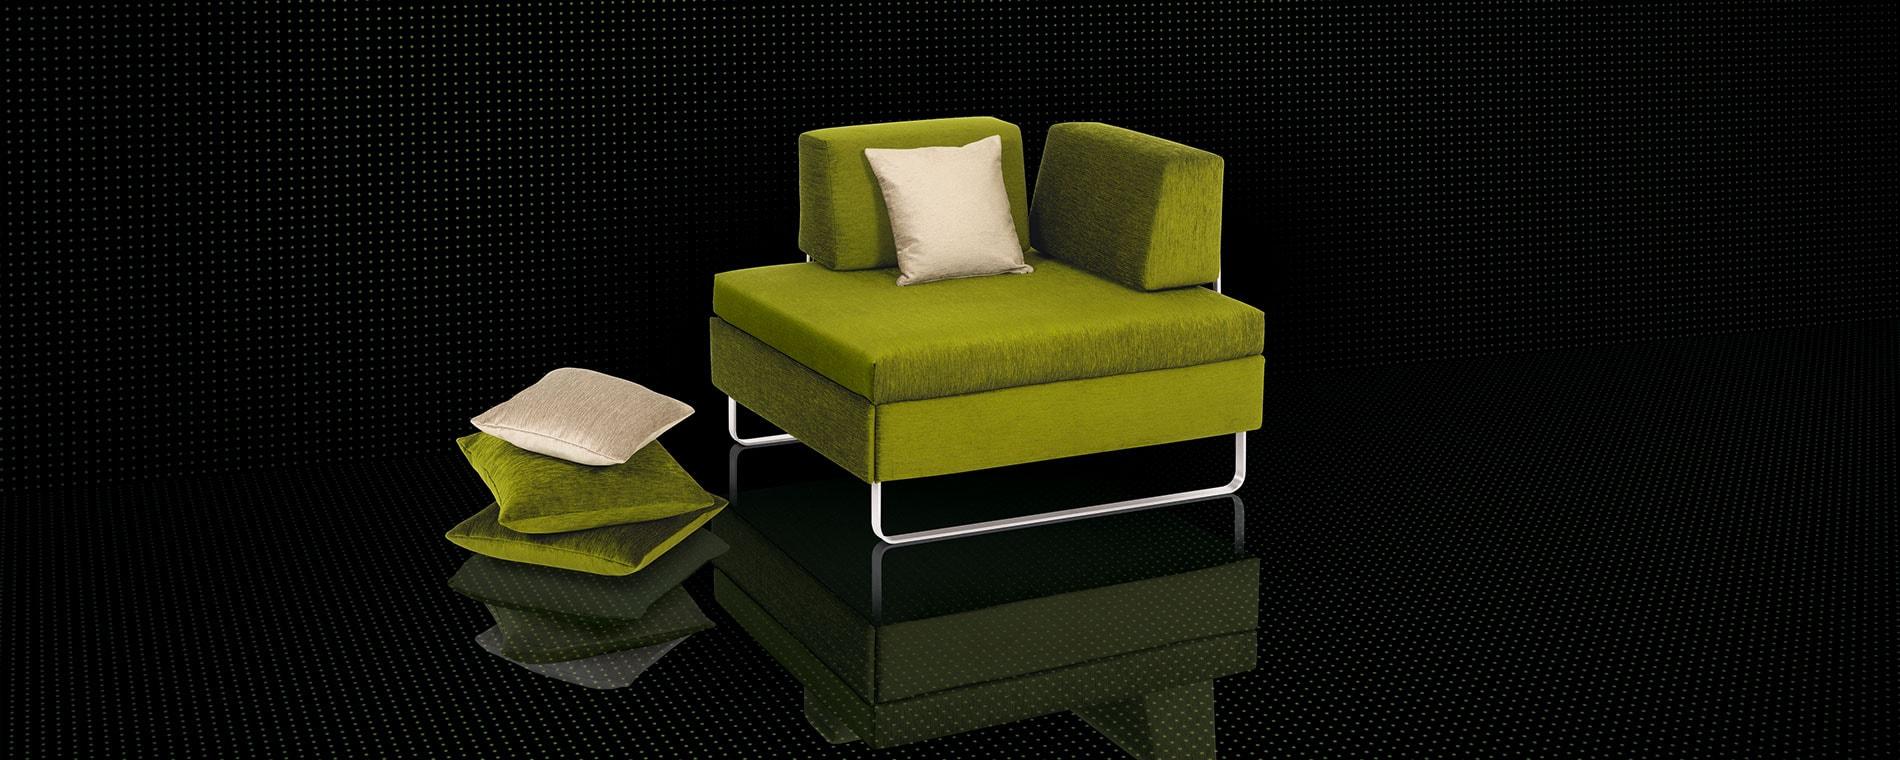 Der kompakte BED for LIVING Schlafhocker wird zum Einzelbett.